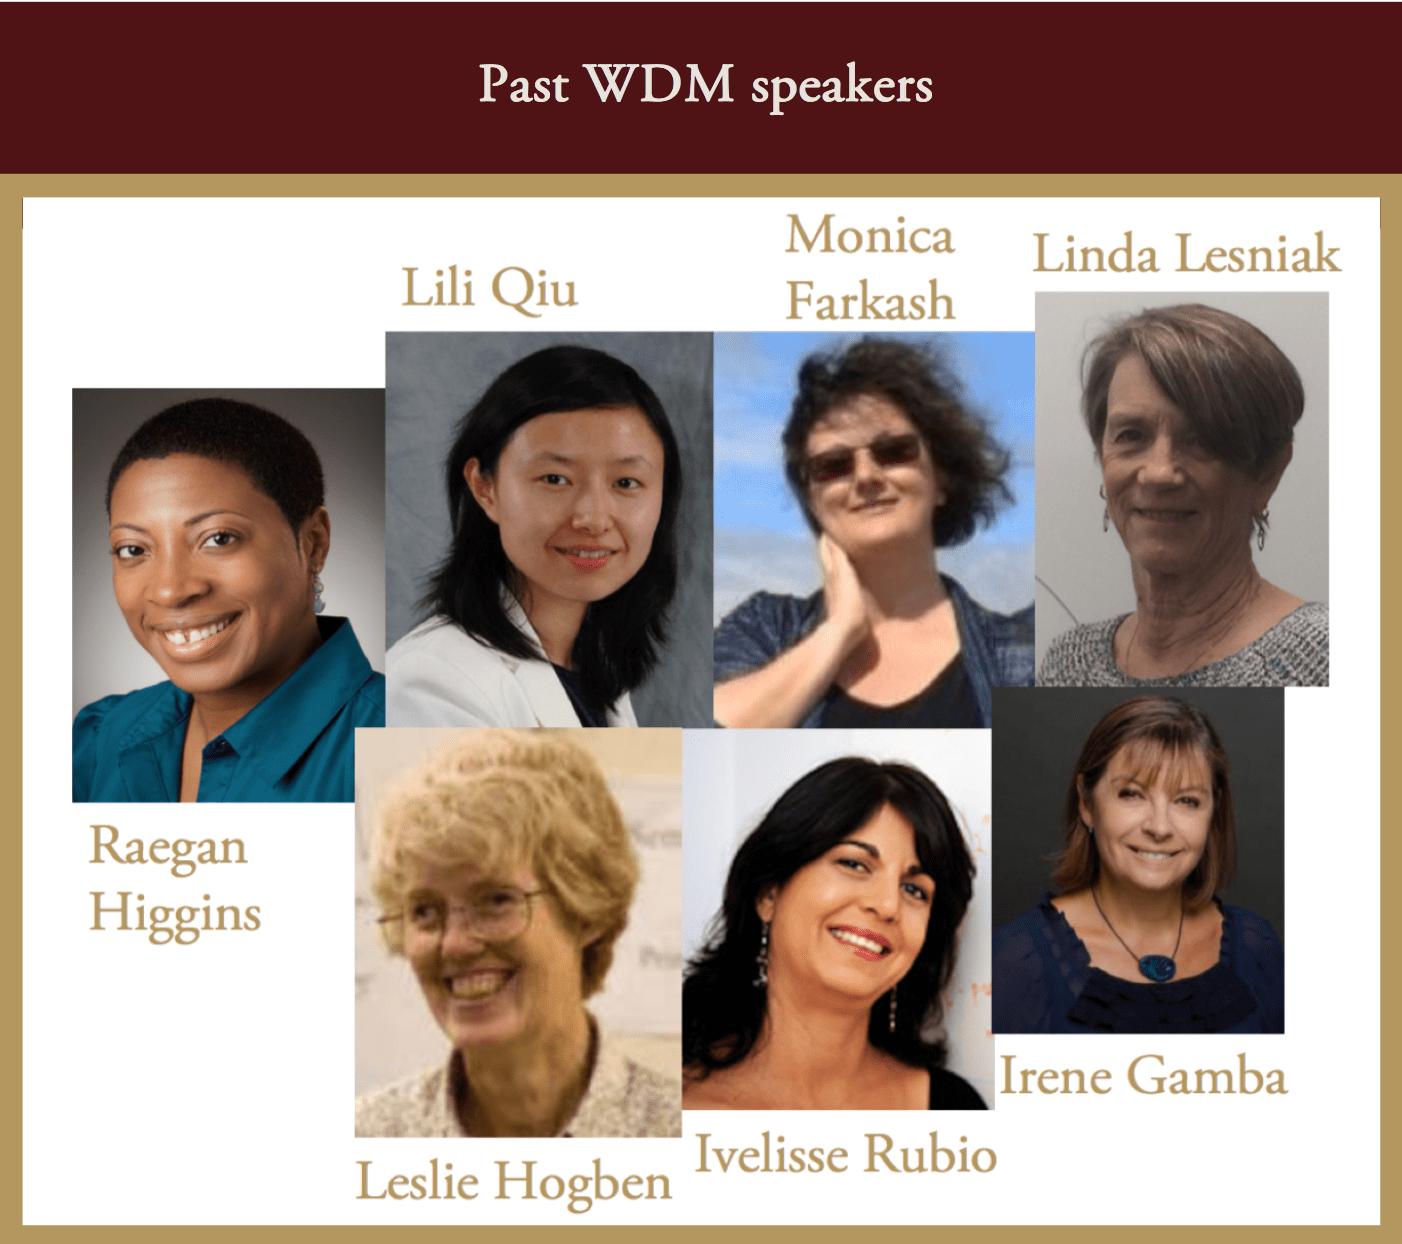 Past Speakers WDM